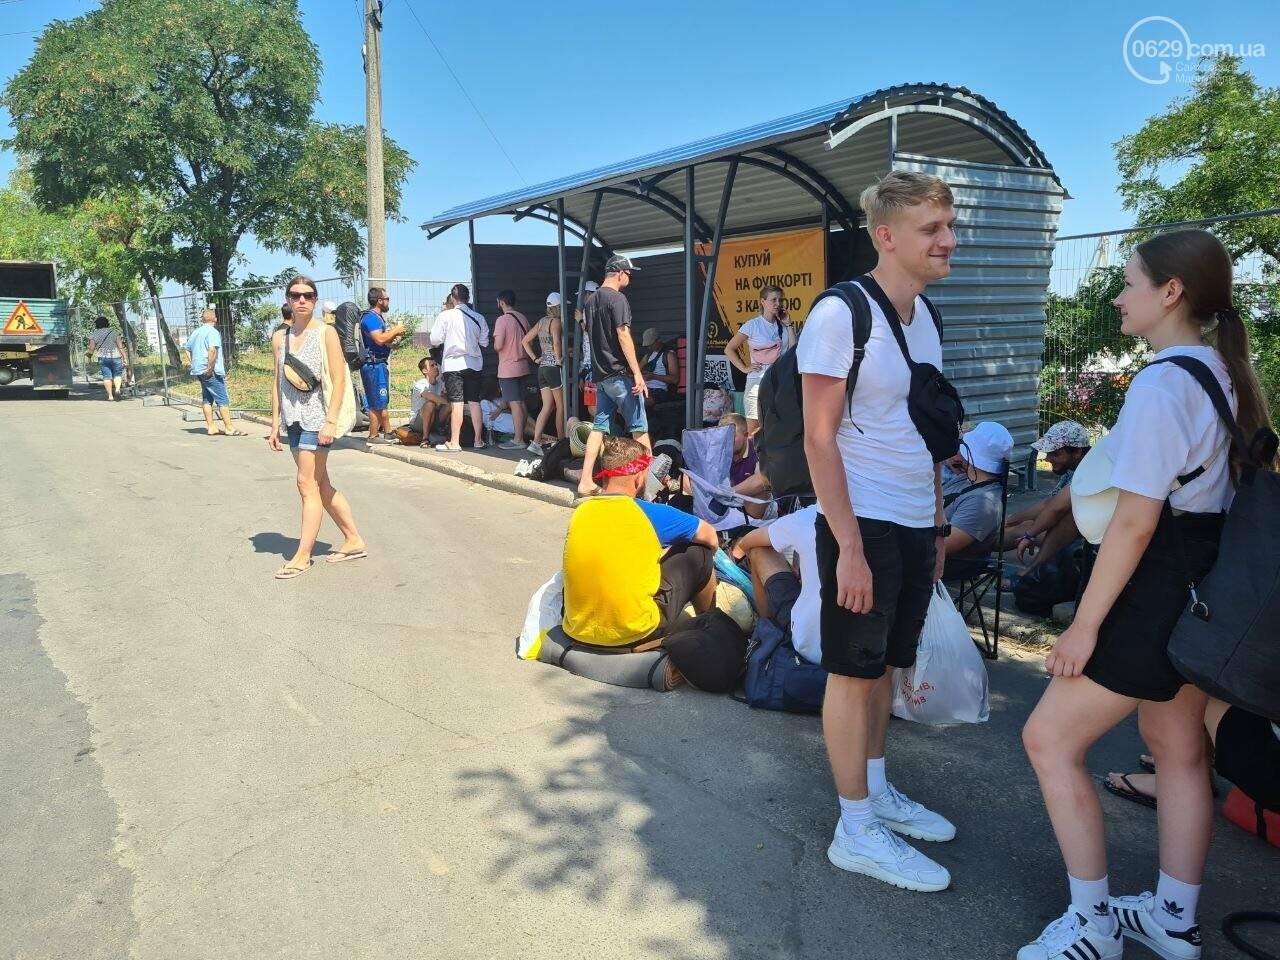 За два часа до фестиваля. Что сейчас происходит в поселке Песчаный, - ФОТО, ВИДЕО, фото-6